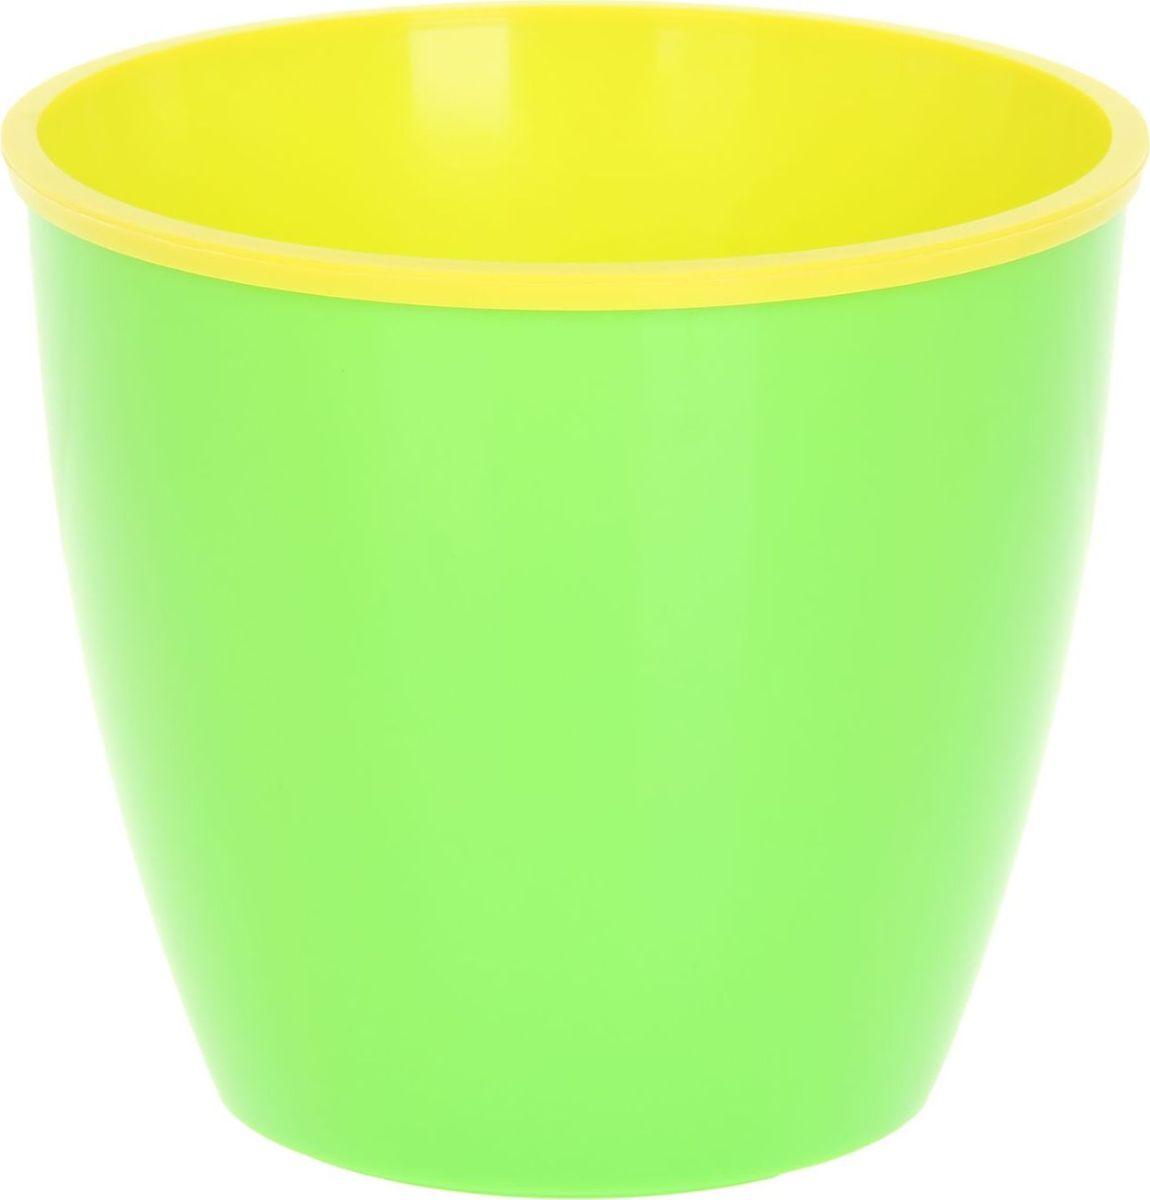 Горшок для цветов ТЕК.А.ТЕК Les Couleurs, цвет: зеленый, желтый, 6,5 лGC220/05Любой, даже самый современный и продуманный интерьер будет не завершённым без растений. Они не только очищают воздух и насыщают его кислородом, но и заметно украшают окружающее пространство. Такому полезному члену семьи просто необходимо красивое и функциональное кашпо, оригинальный горшок или необычная ваза! Мы предлагаем - Горшок для цветов 6,5 л Les Couleurs, цвет зеленый,желтый! Оптимальный выбор материала пластмасса! Почему мы так считаем? Малый вес. С лёгкостью переносите горшки и кашпо с места на место, ставьте их на столики или полки, подвешивайте под потолок, не беспокоясь о нагрузке. Простота ухода. Пластиковые изделия не нуждаются в специальных условиях хранения. Их легко чистить достаточно просто сполоснуть тёплой водой. Никаких царапин. Пластиковые кашпо не царапают и не загрязняют поверхности, на которых стоят. Пластик дольше хранит влагу, а значит растение реже нуждается в поливе. Пластмасса не пропускает воздух корневой системе растения не грозят резкие перепады температур. Огромный выбор форм, декора и расцветок вы без труда подберёте что-то, что идеально впишется в уже существующий интерьер. Соблюдая нехитрые правила ухода, вы можете заметно продлить срок службы горшков, вазонов и кашпо из пластика: всегда учитывайте размер кроны и корневой системы растения (при разрастании большое растение способно повредить маленький горшок)берегите изделие от воздействия прямых солнечных лучей, чтобы кашпо и горшки не выцветалидержите кашпо и горшки из пластика подальше от нагревающихся поверхностей. Создавайте прекрасные цветочные композиции, выращивайте рассаду или необычные растения, а низкие цены позволят вам не ограничивать себя в выборе.